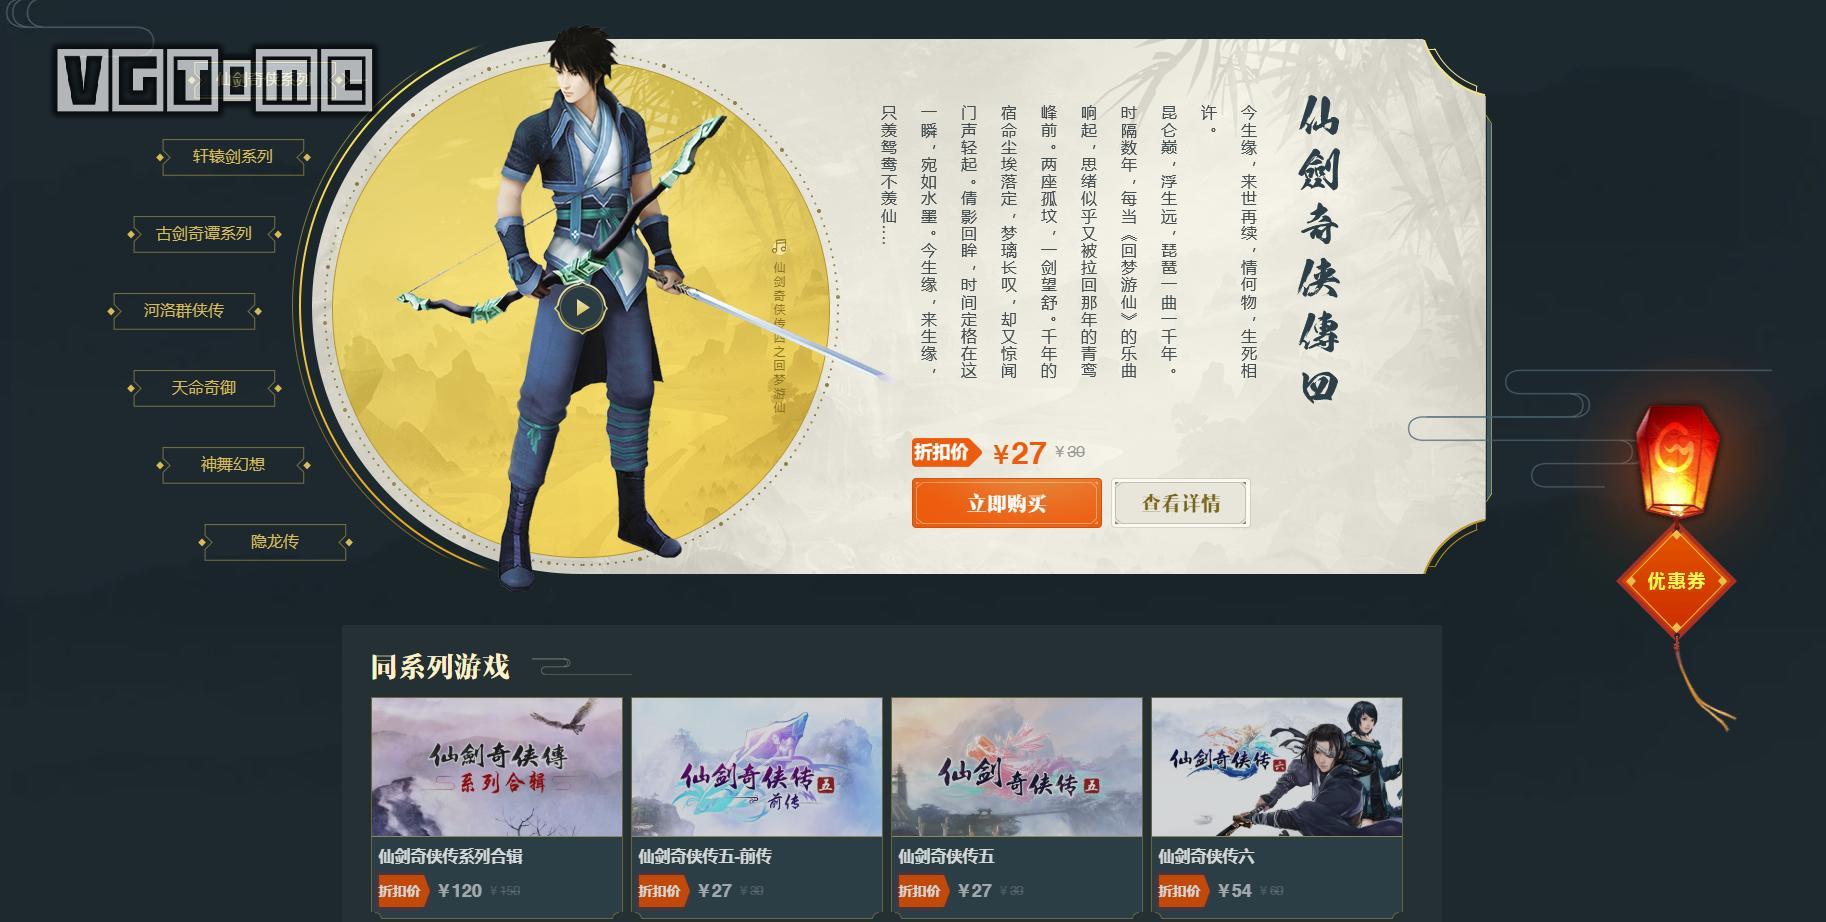 WeGame开启中秋促销,国风游戏低至12元